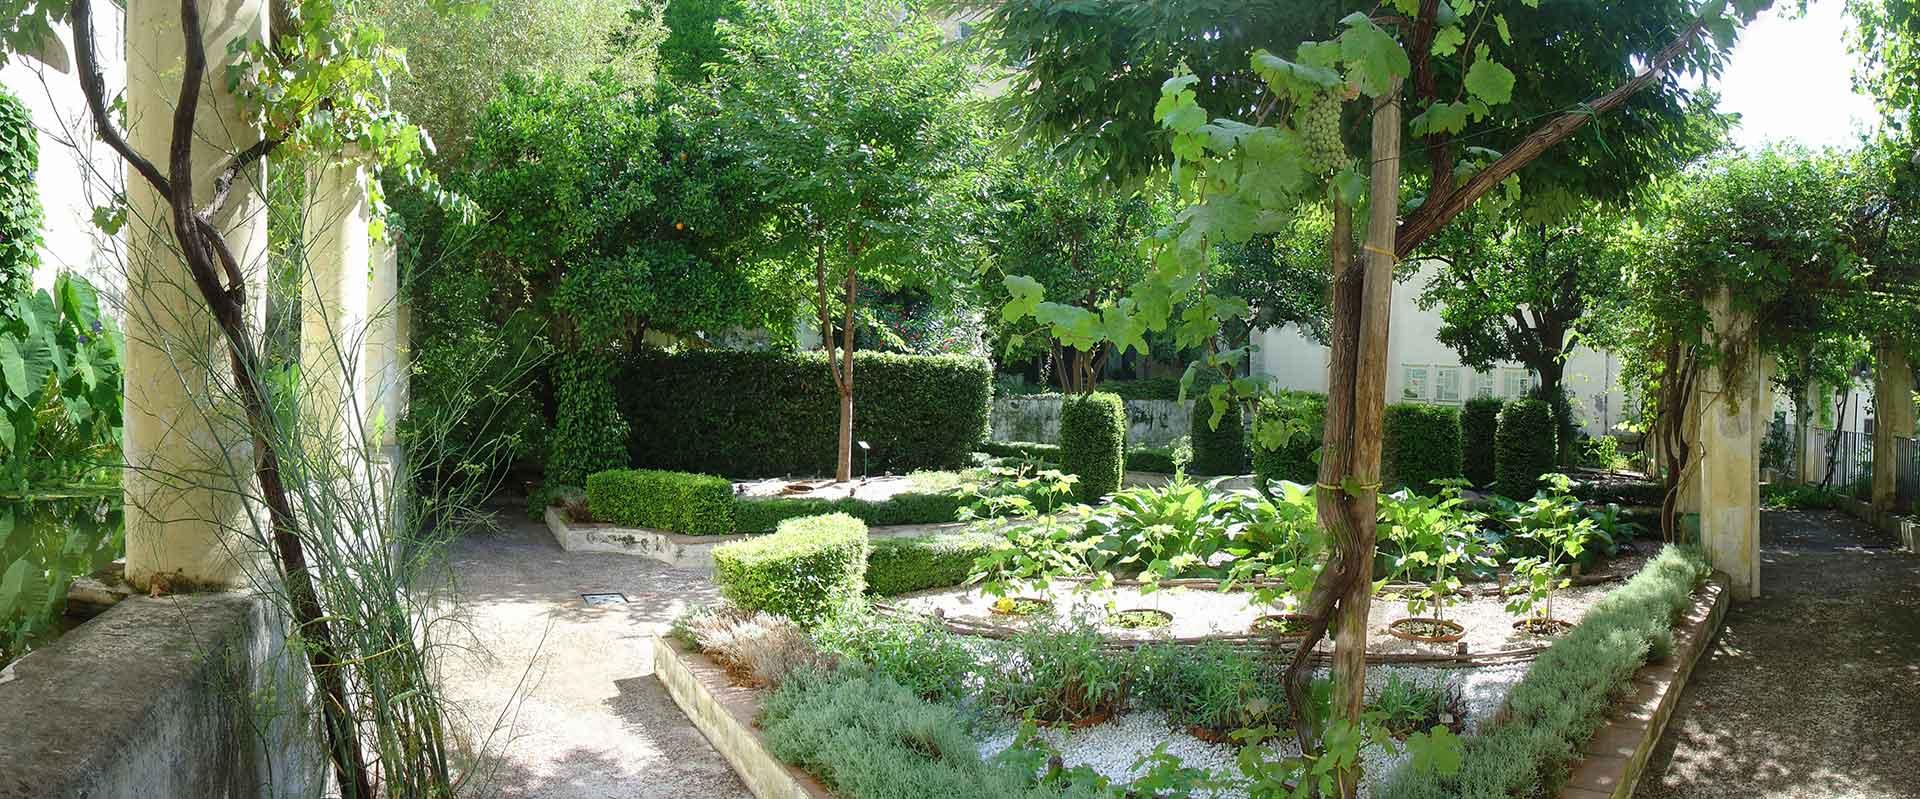 Giardini Da Incubo 2016 il giardino della minerva tra i dieci parchi più belli d'italia